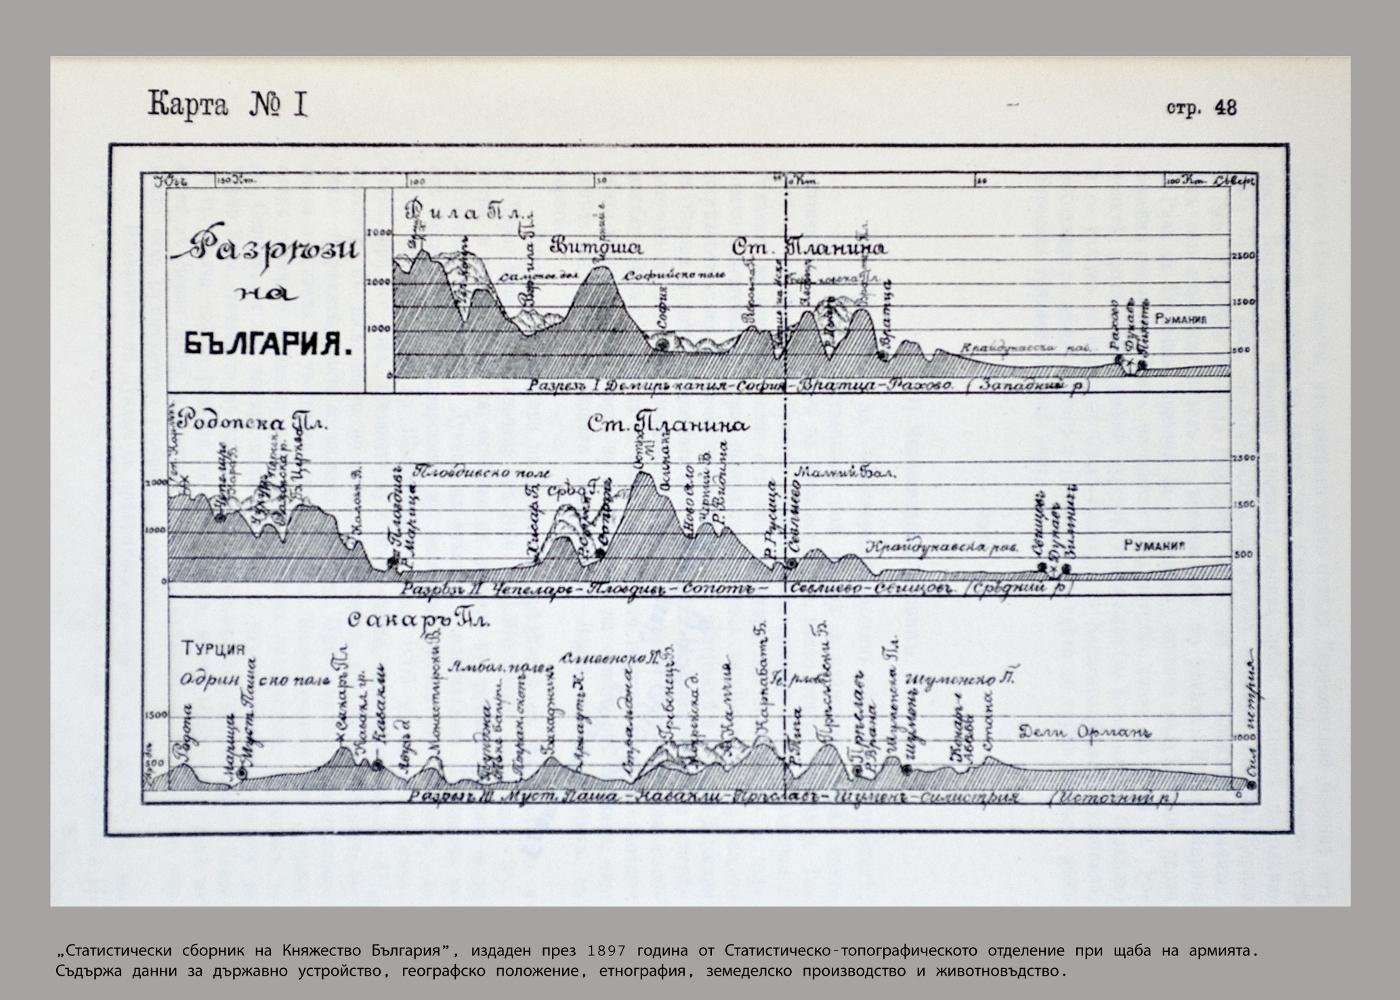 Пионерни приложения на картографски и геодезически продукти за целите на статистиката в България през 1897 г